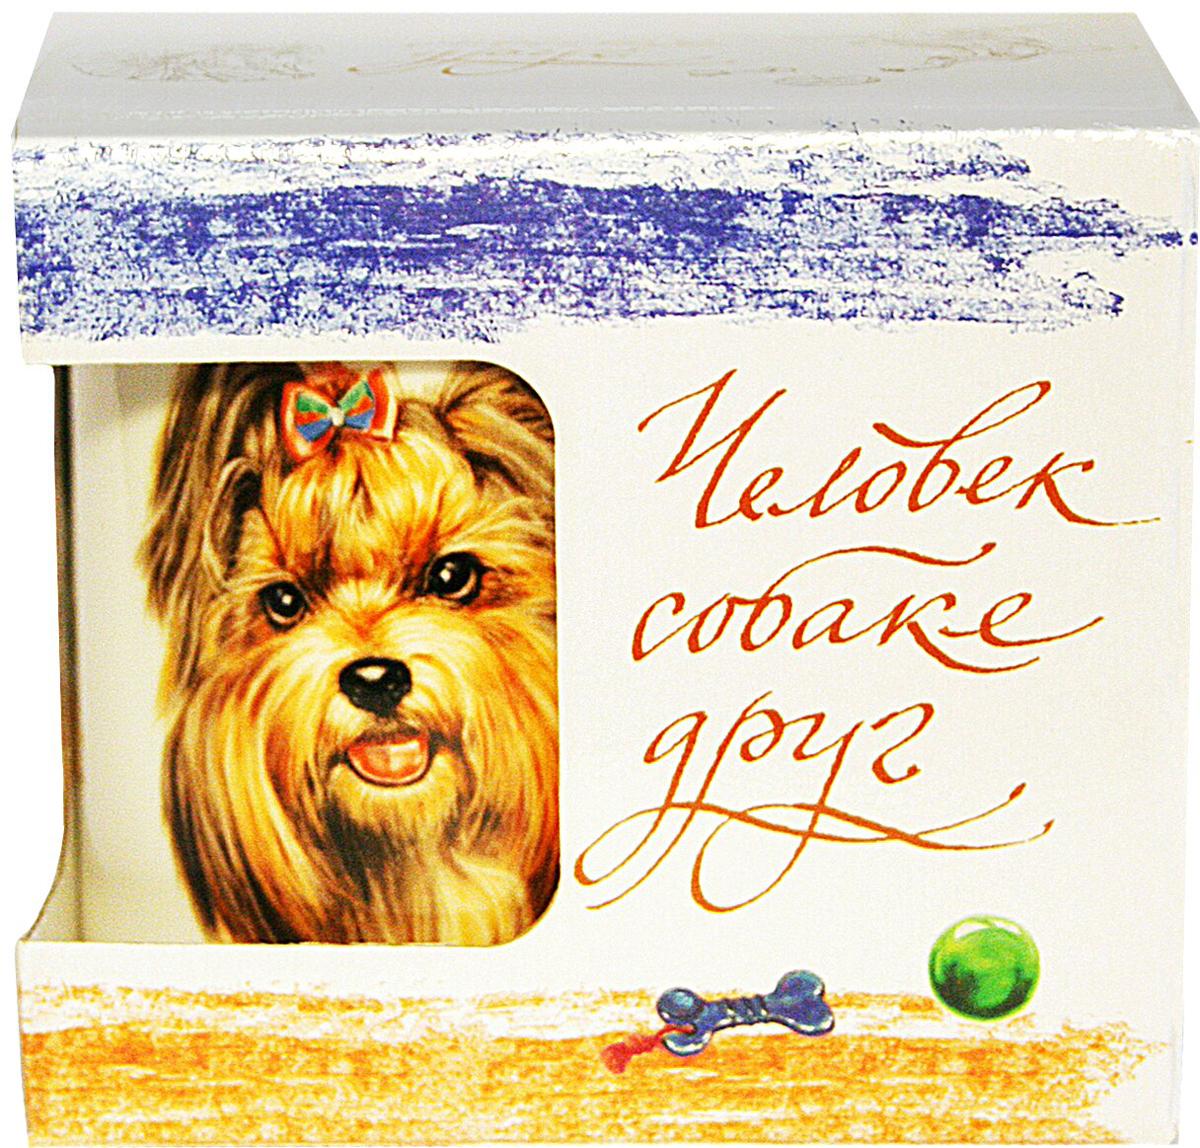 Кружка PrioritY Человек собаке друг Йоркширский терьер 420 мл. в подарочной упаковке намико фукуи человек собаке друг